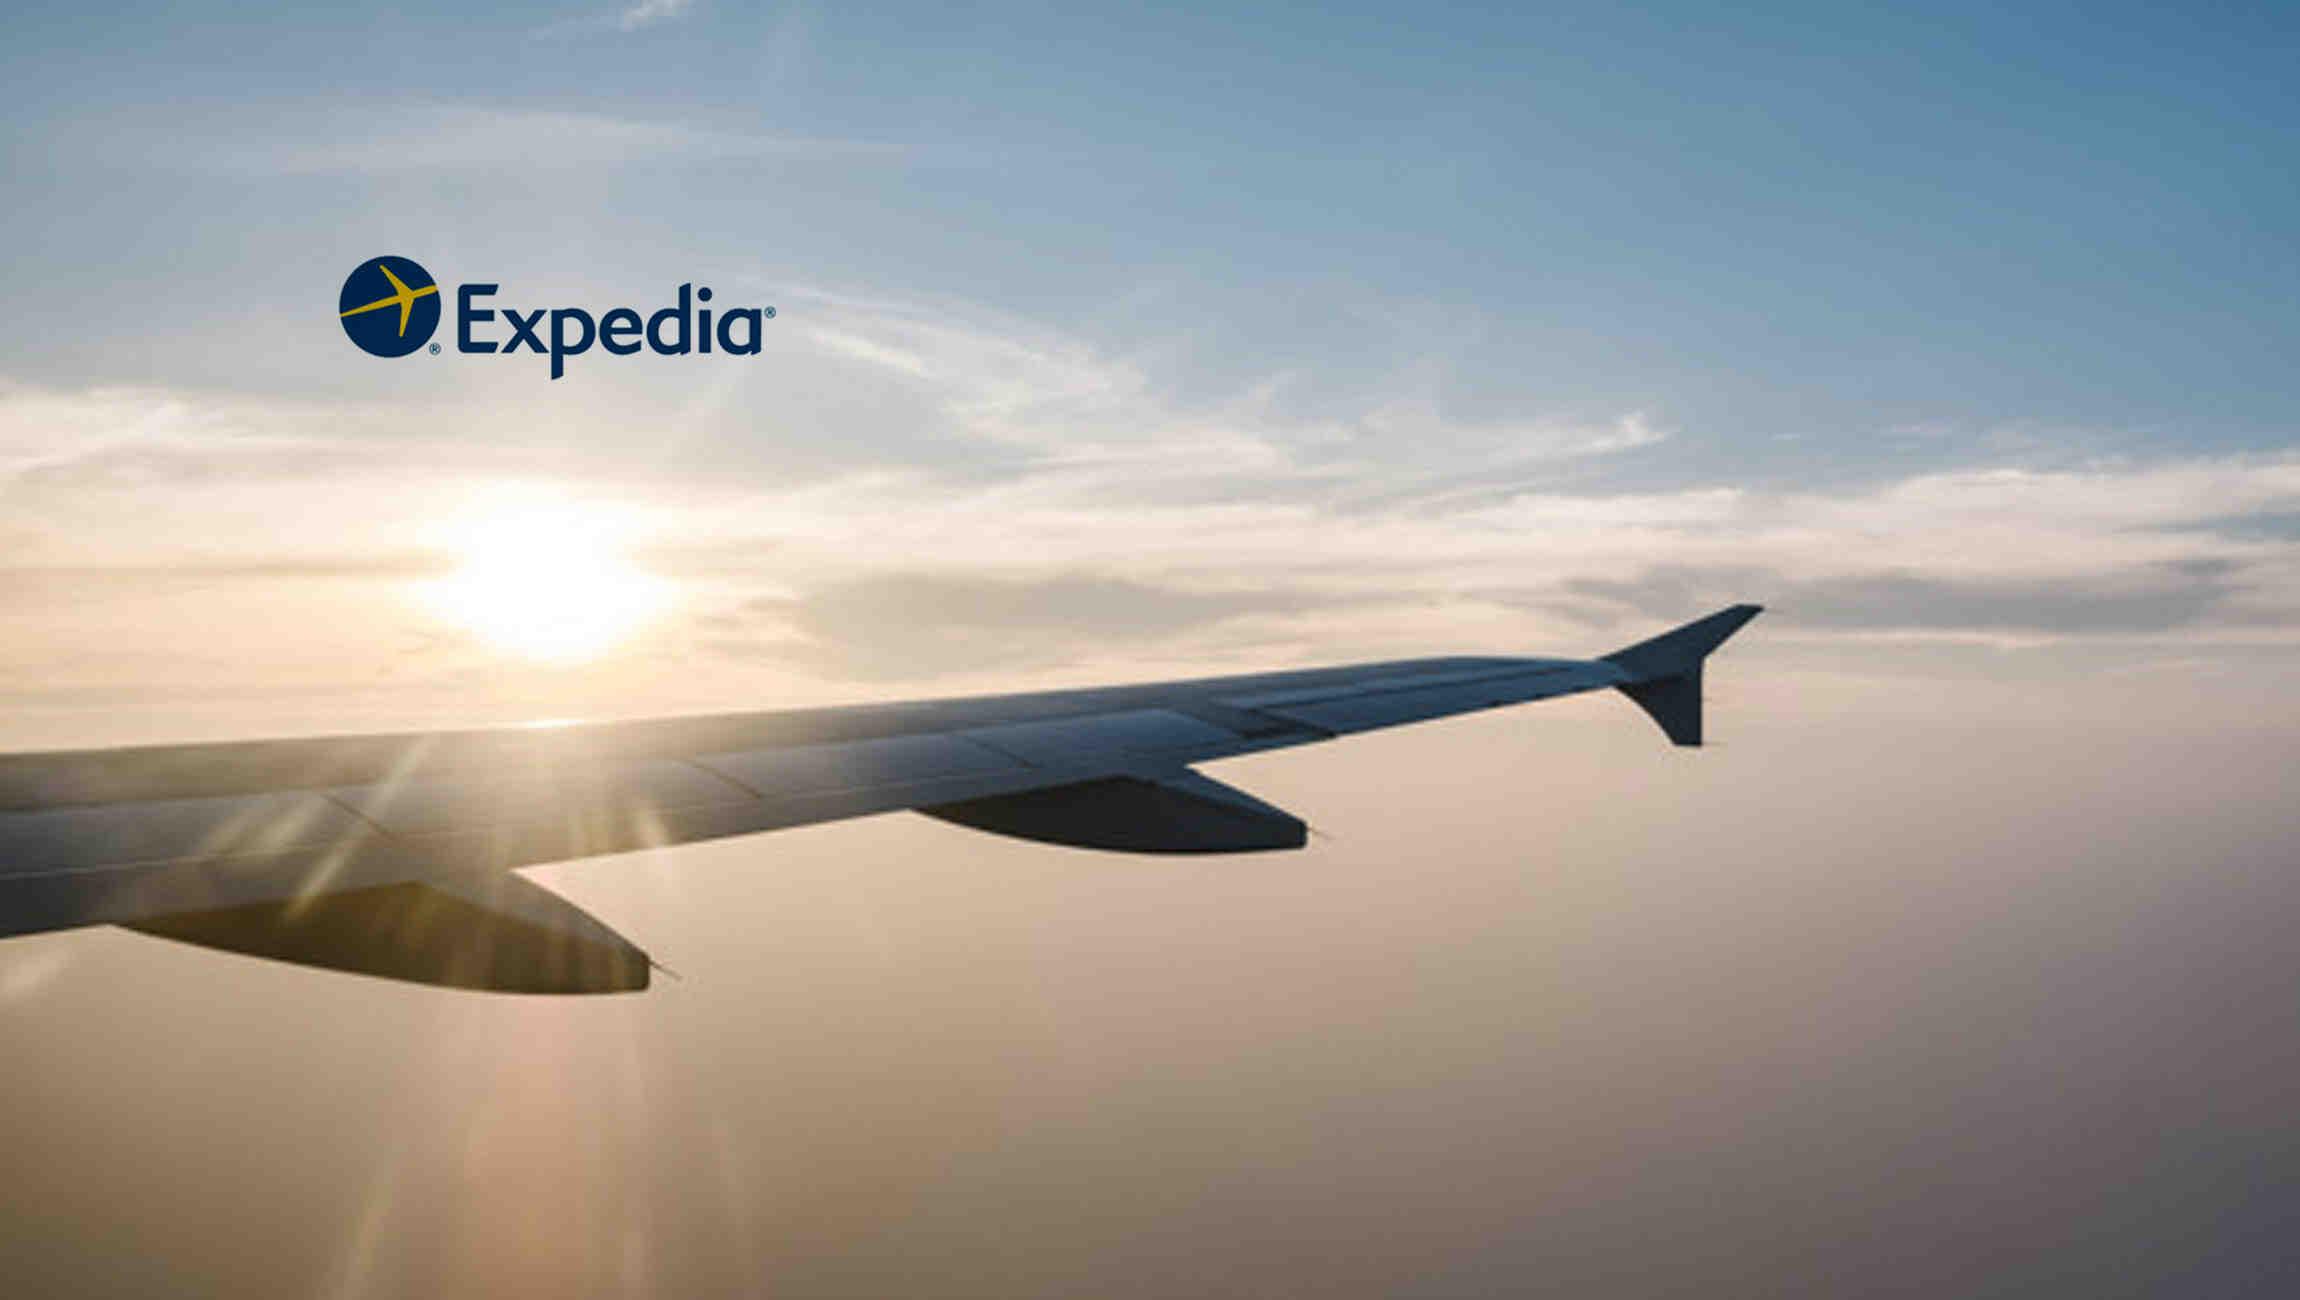 Comment envoyer un e-mail à Expedia?